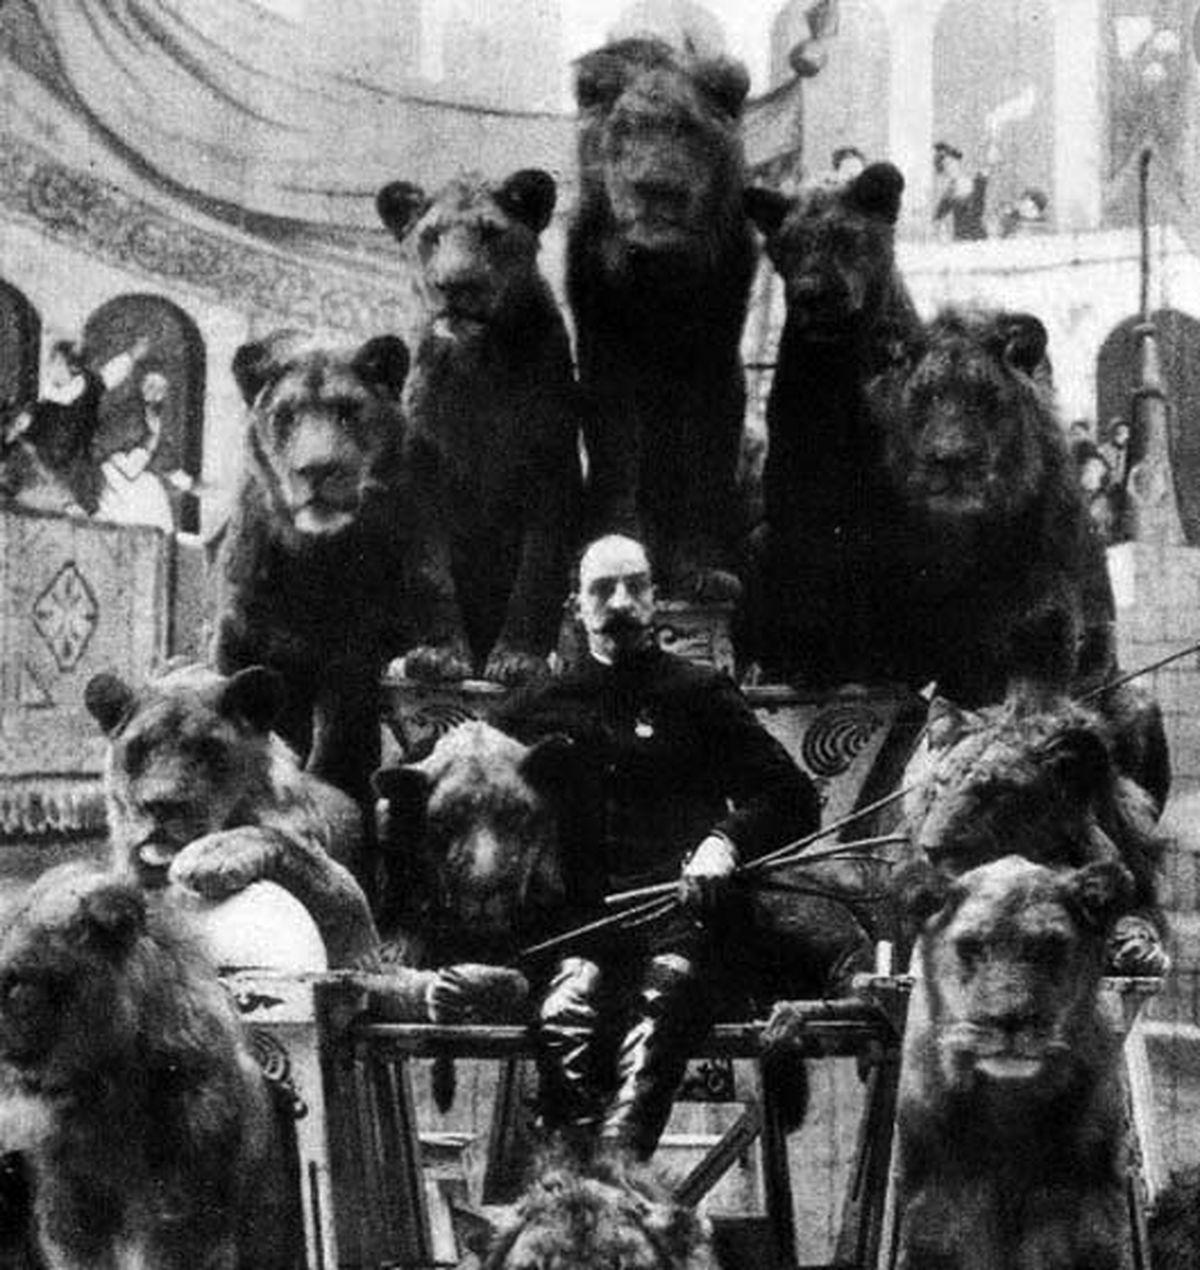 تصویر یک رام کننده حیوانات درکنار شیرهایش 150 سال پیش